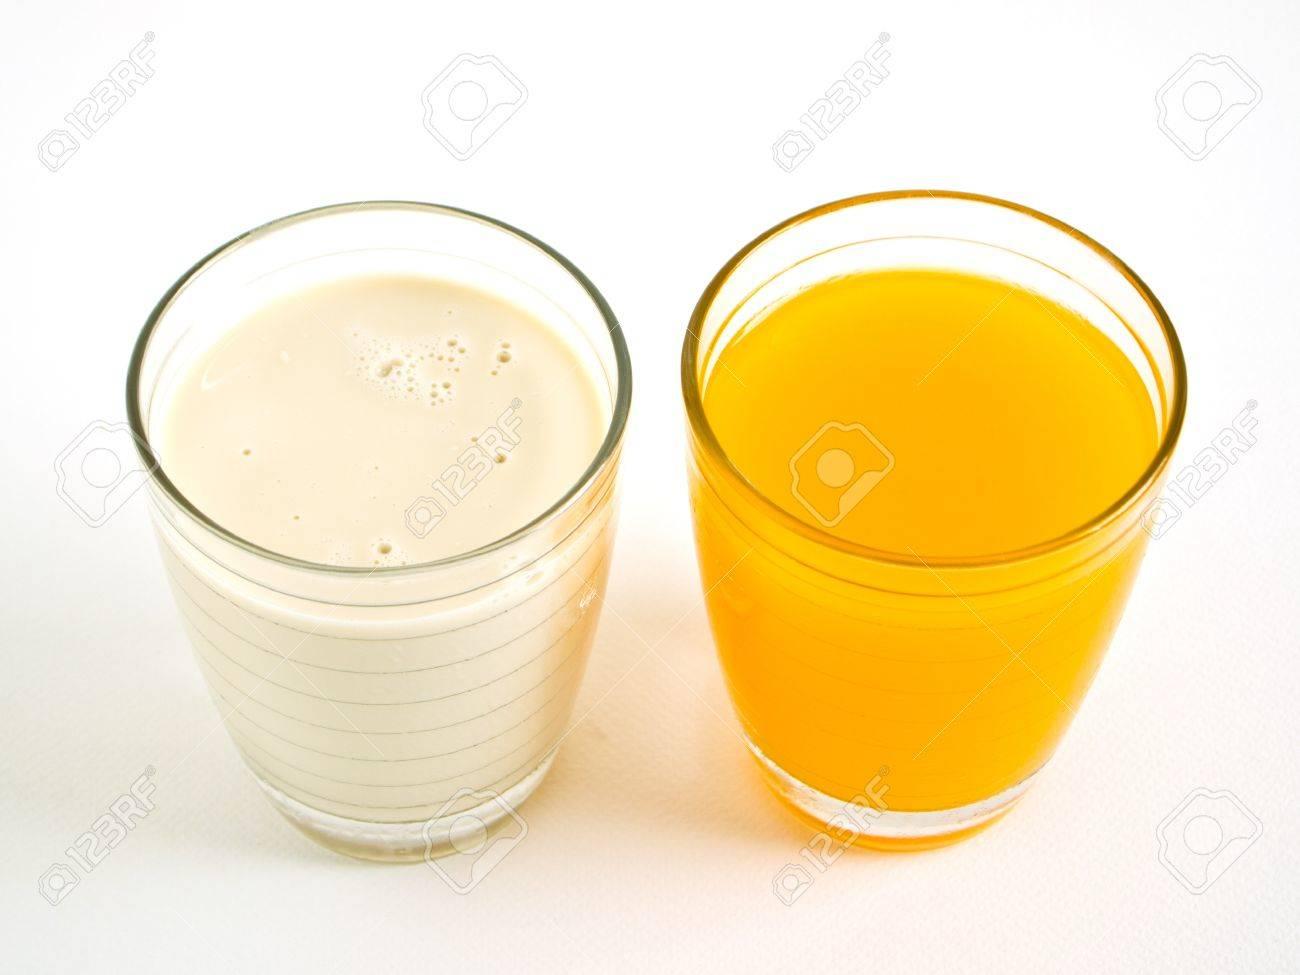 bebe - Dobrodošao mart, proljeće i bebe  - Page 15 9238261-Orange-juice-and-Soy-milk-Stock-Photo